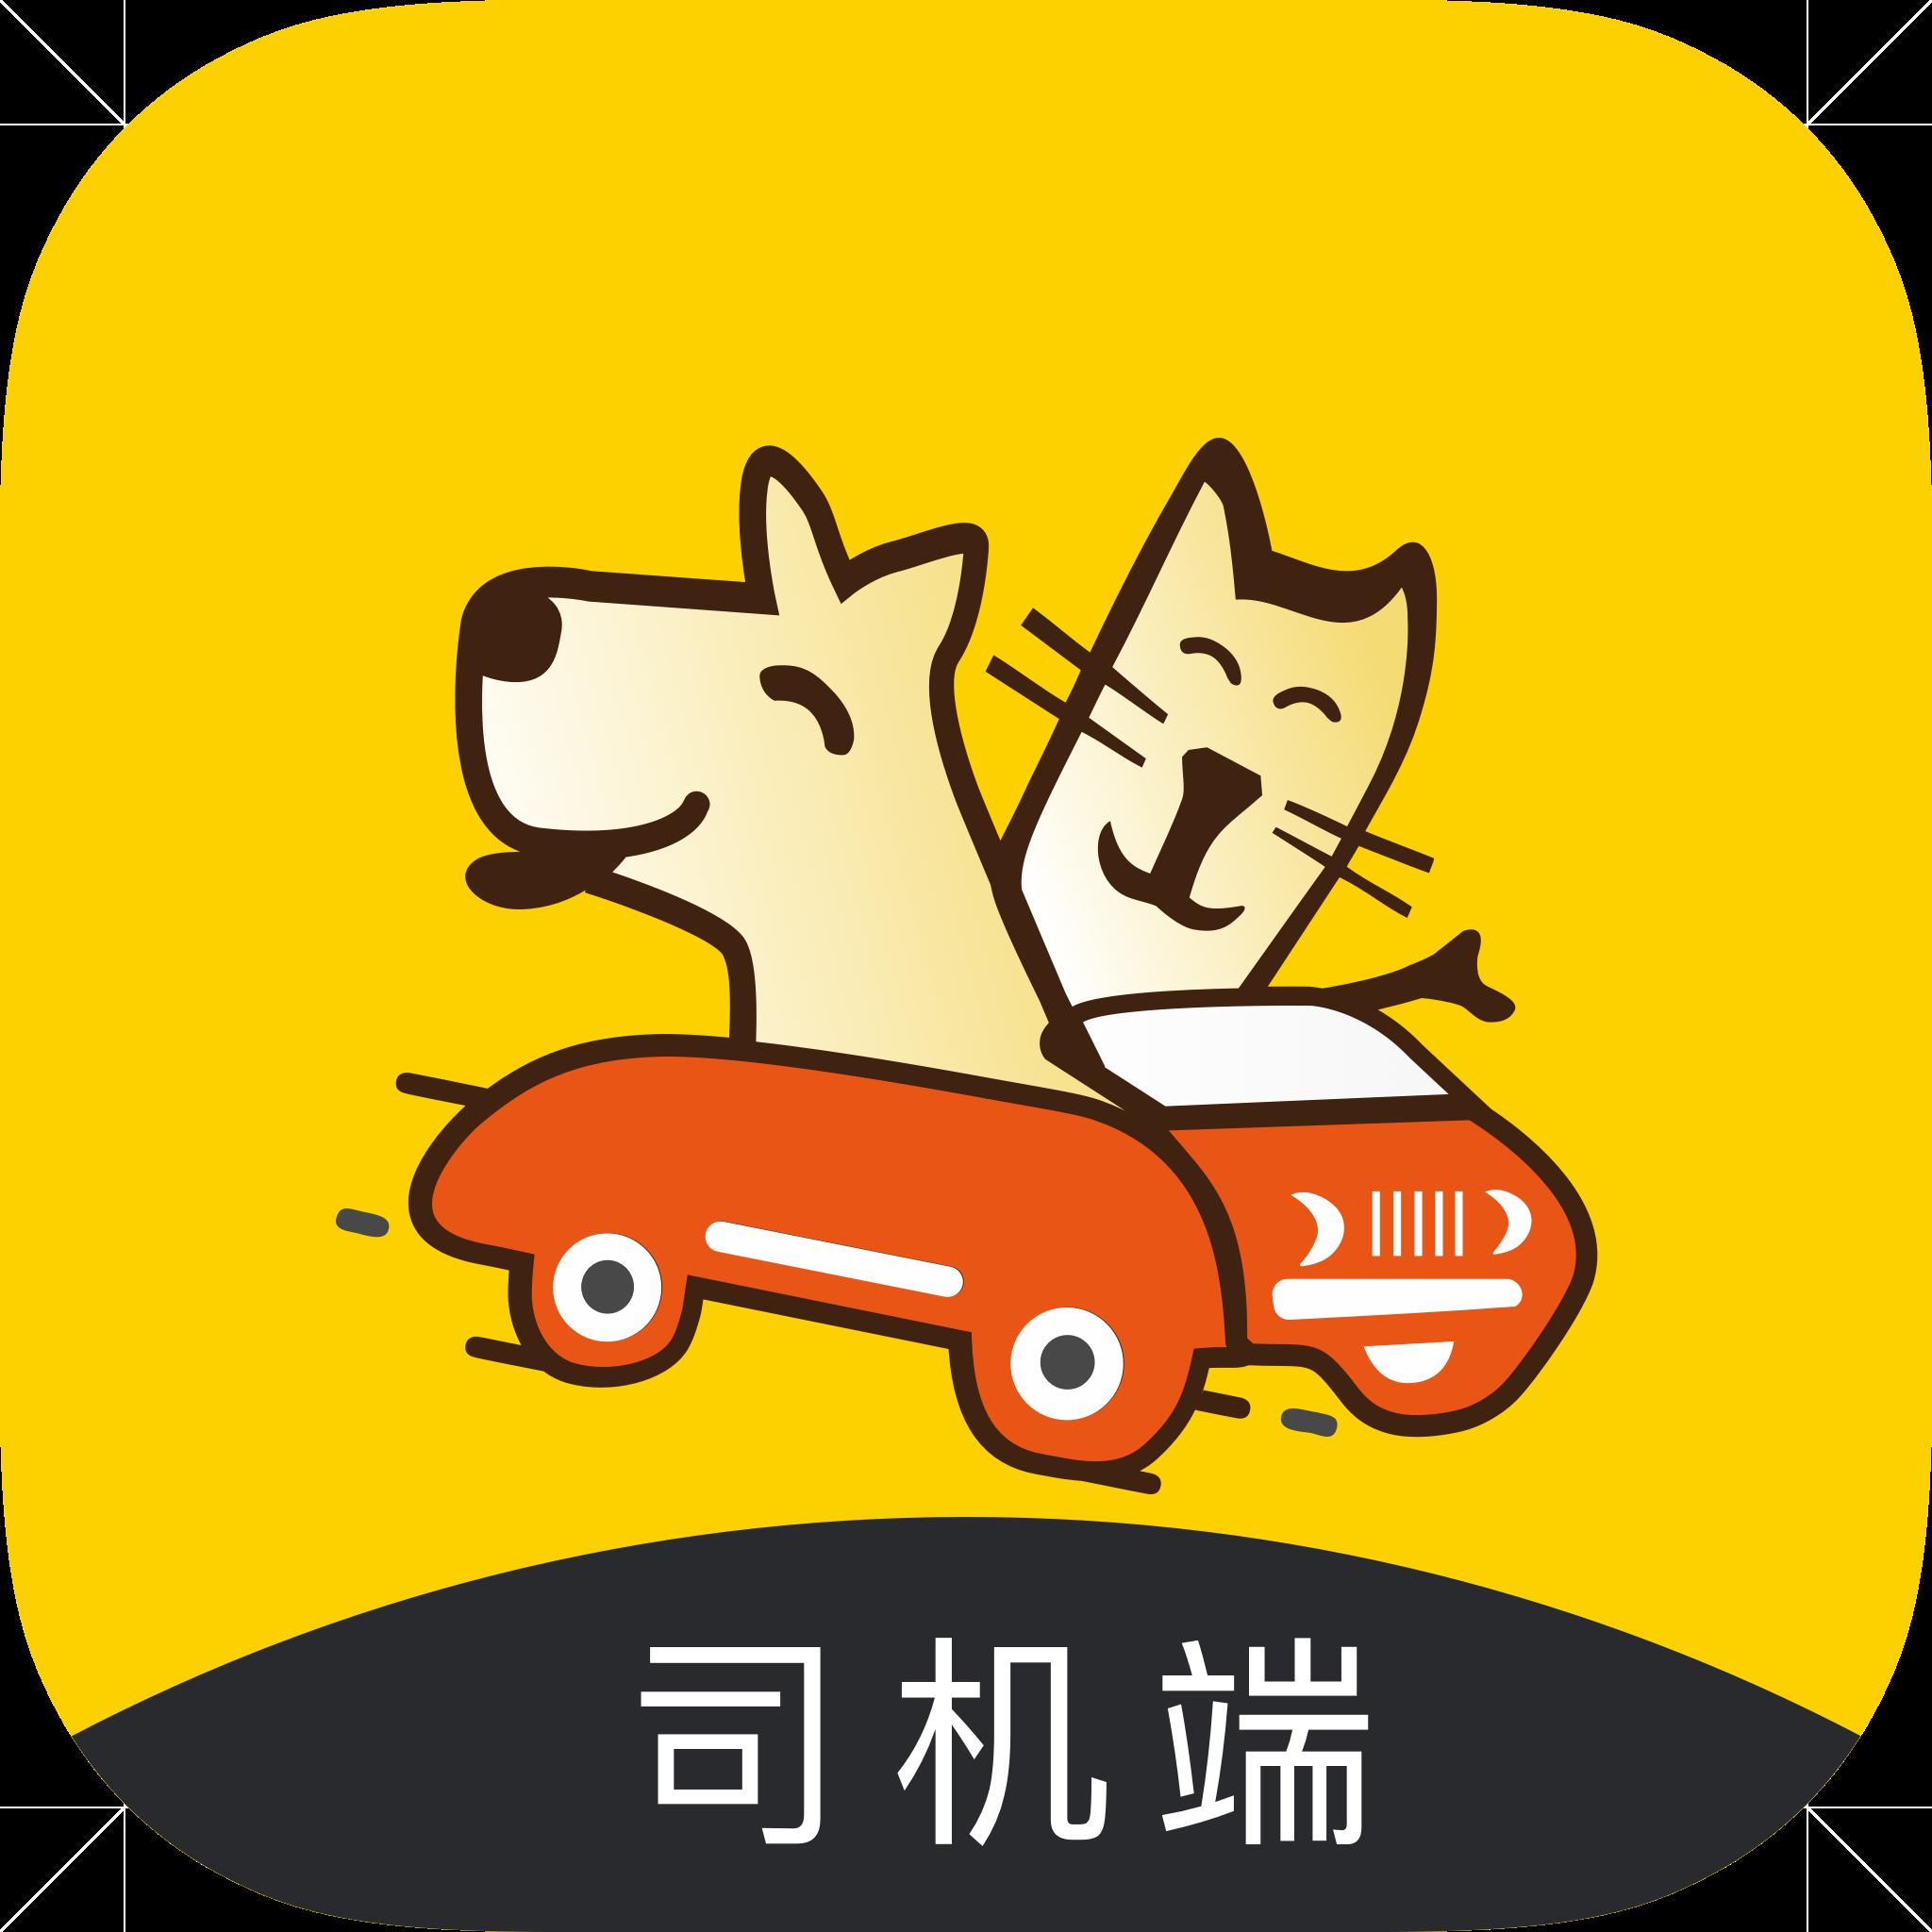 宠滴出行司机端免费版v1.0.0 最新版